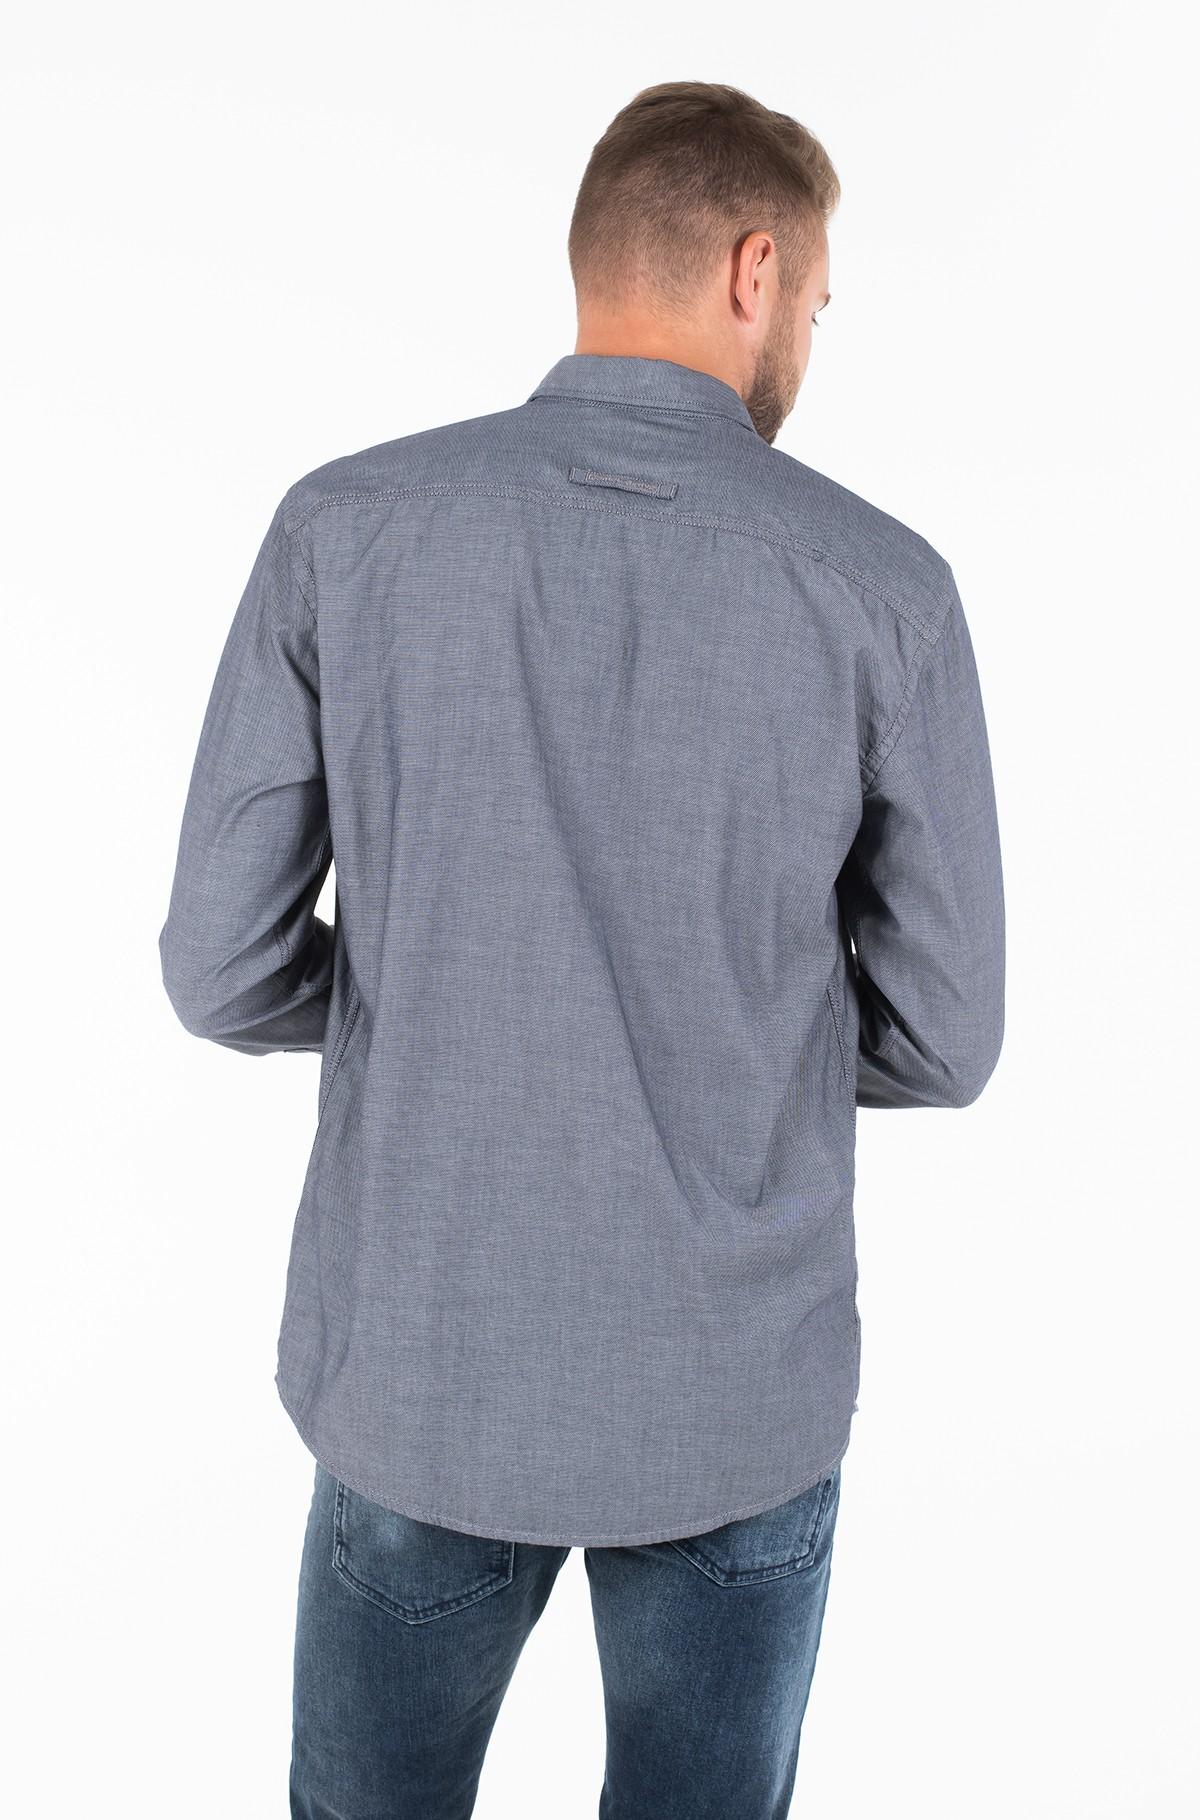 Marškiniai 31.125000-full-2